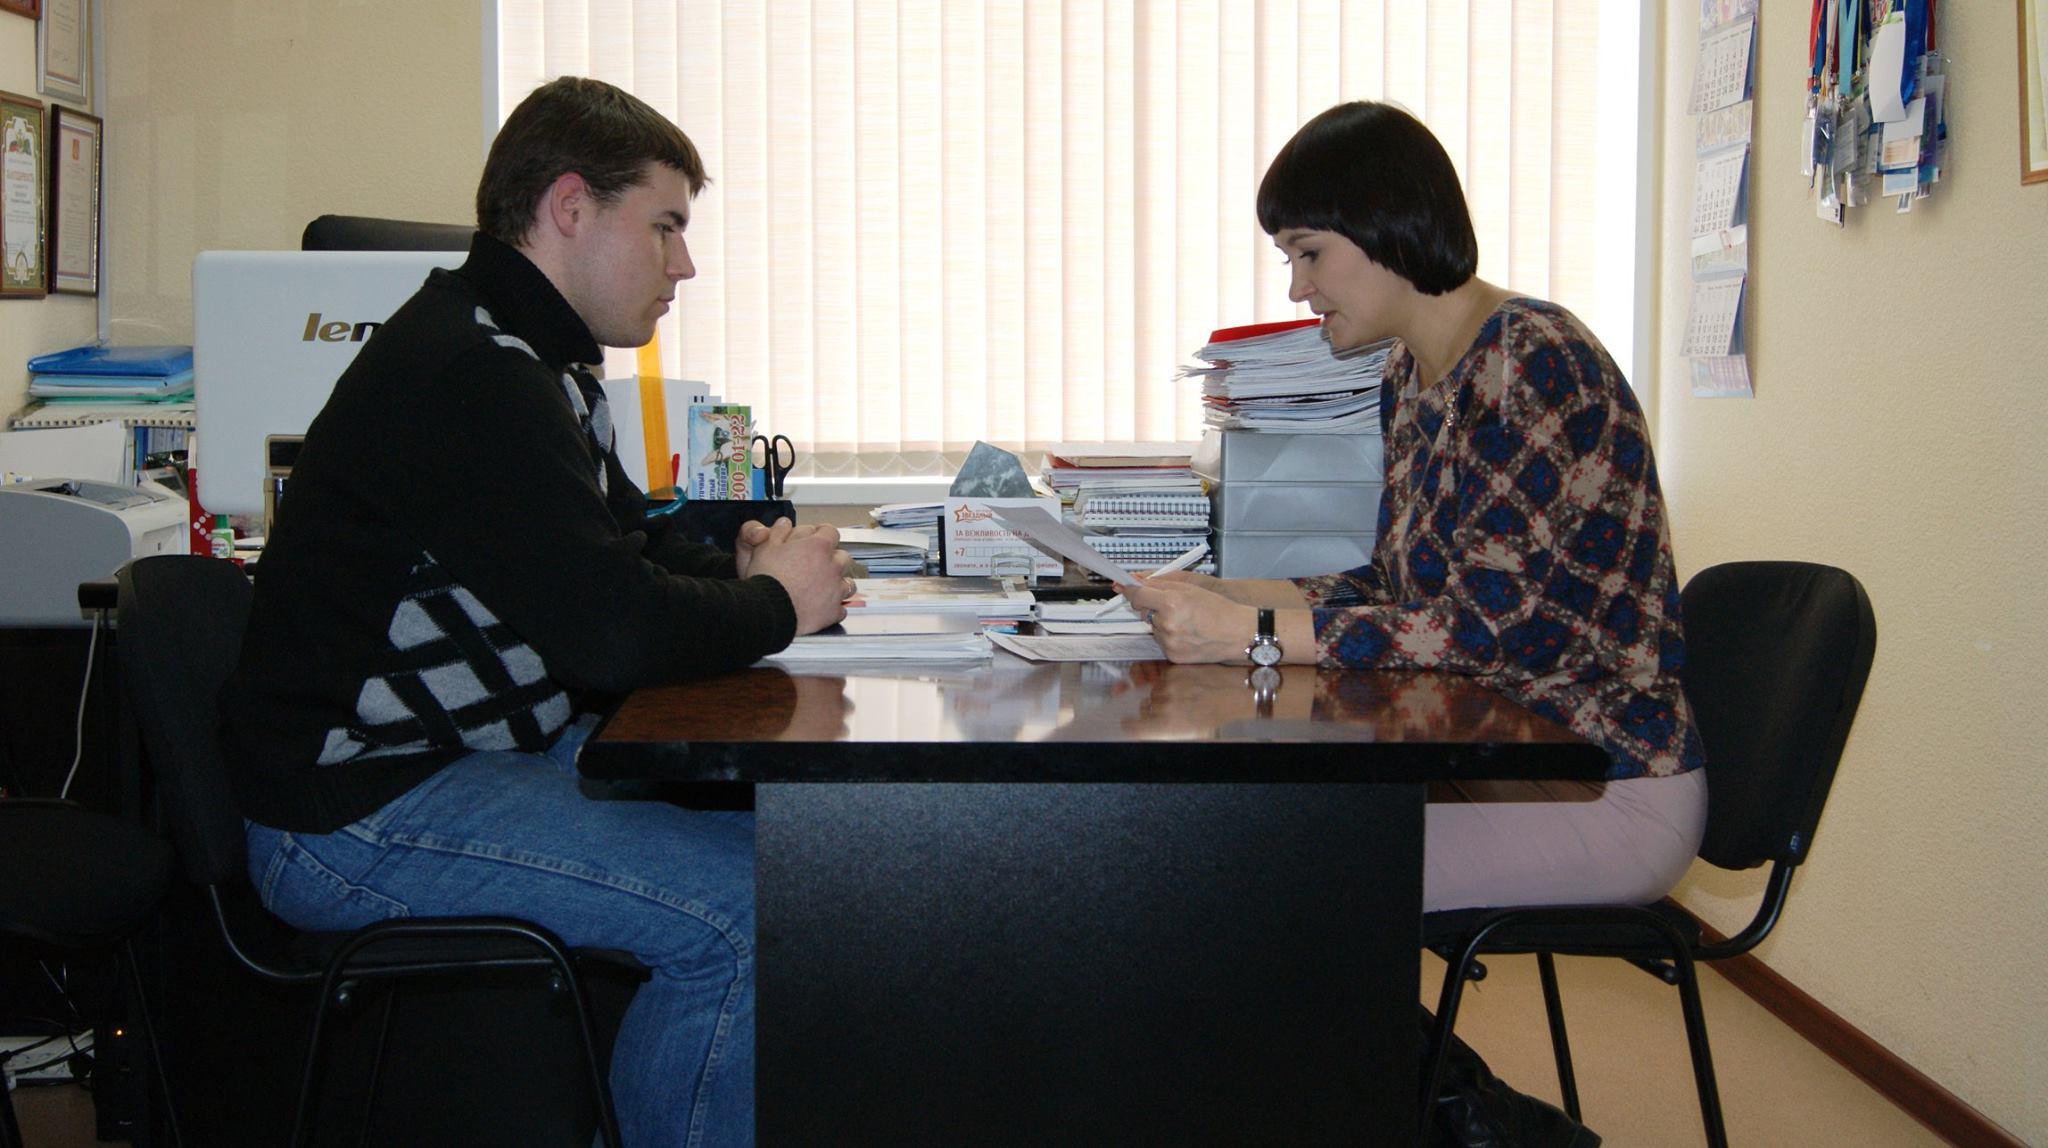 Биологический отец Кристины Андрей продемонстрировал уполномоченному по правам ребенка Маргарите